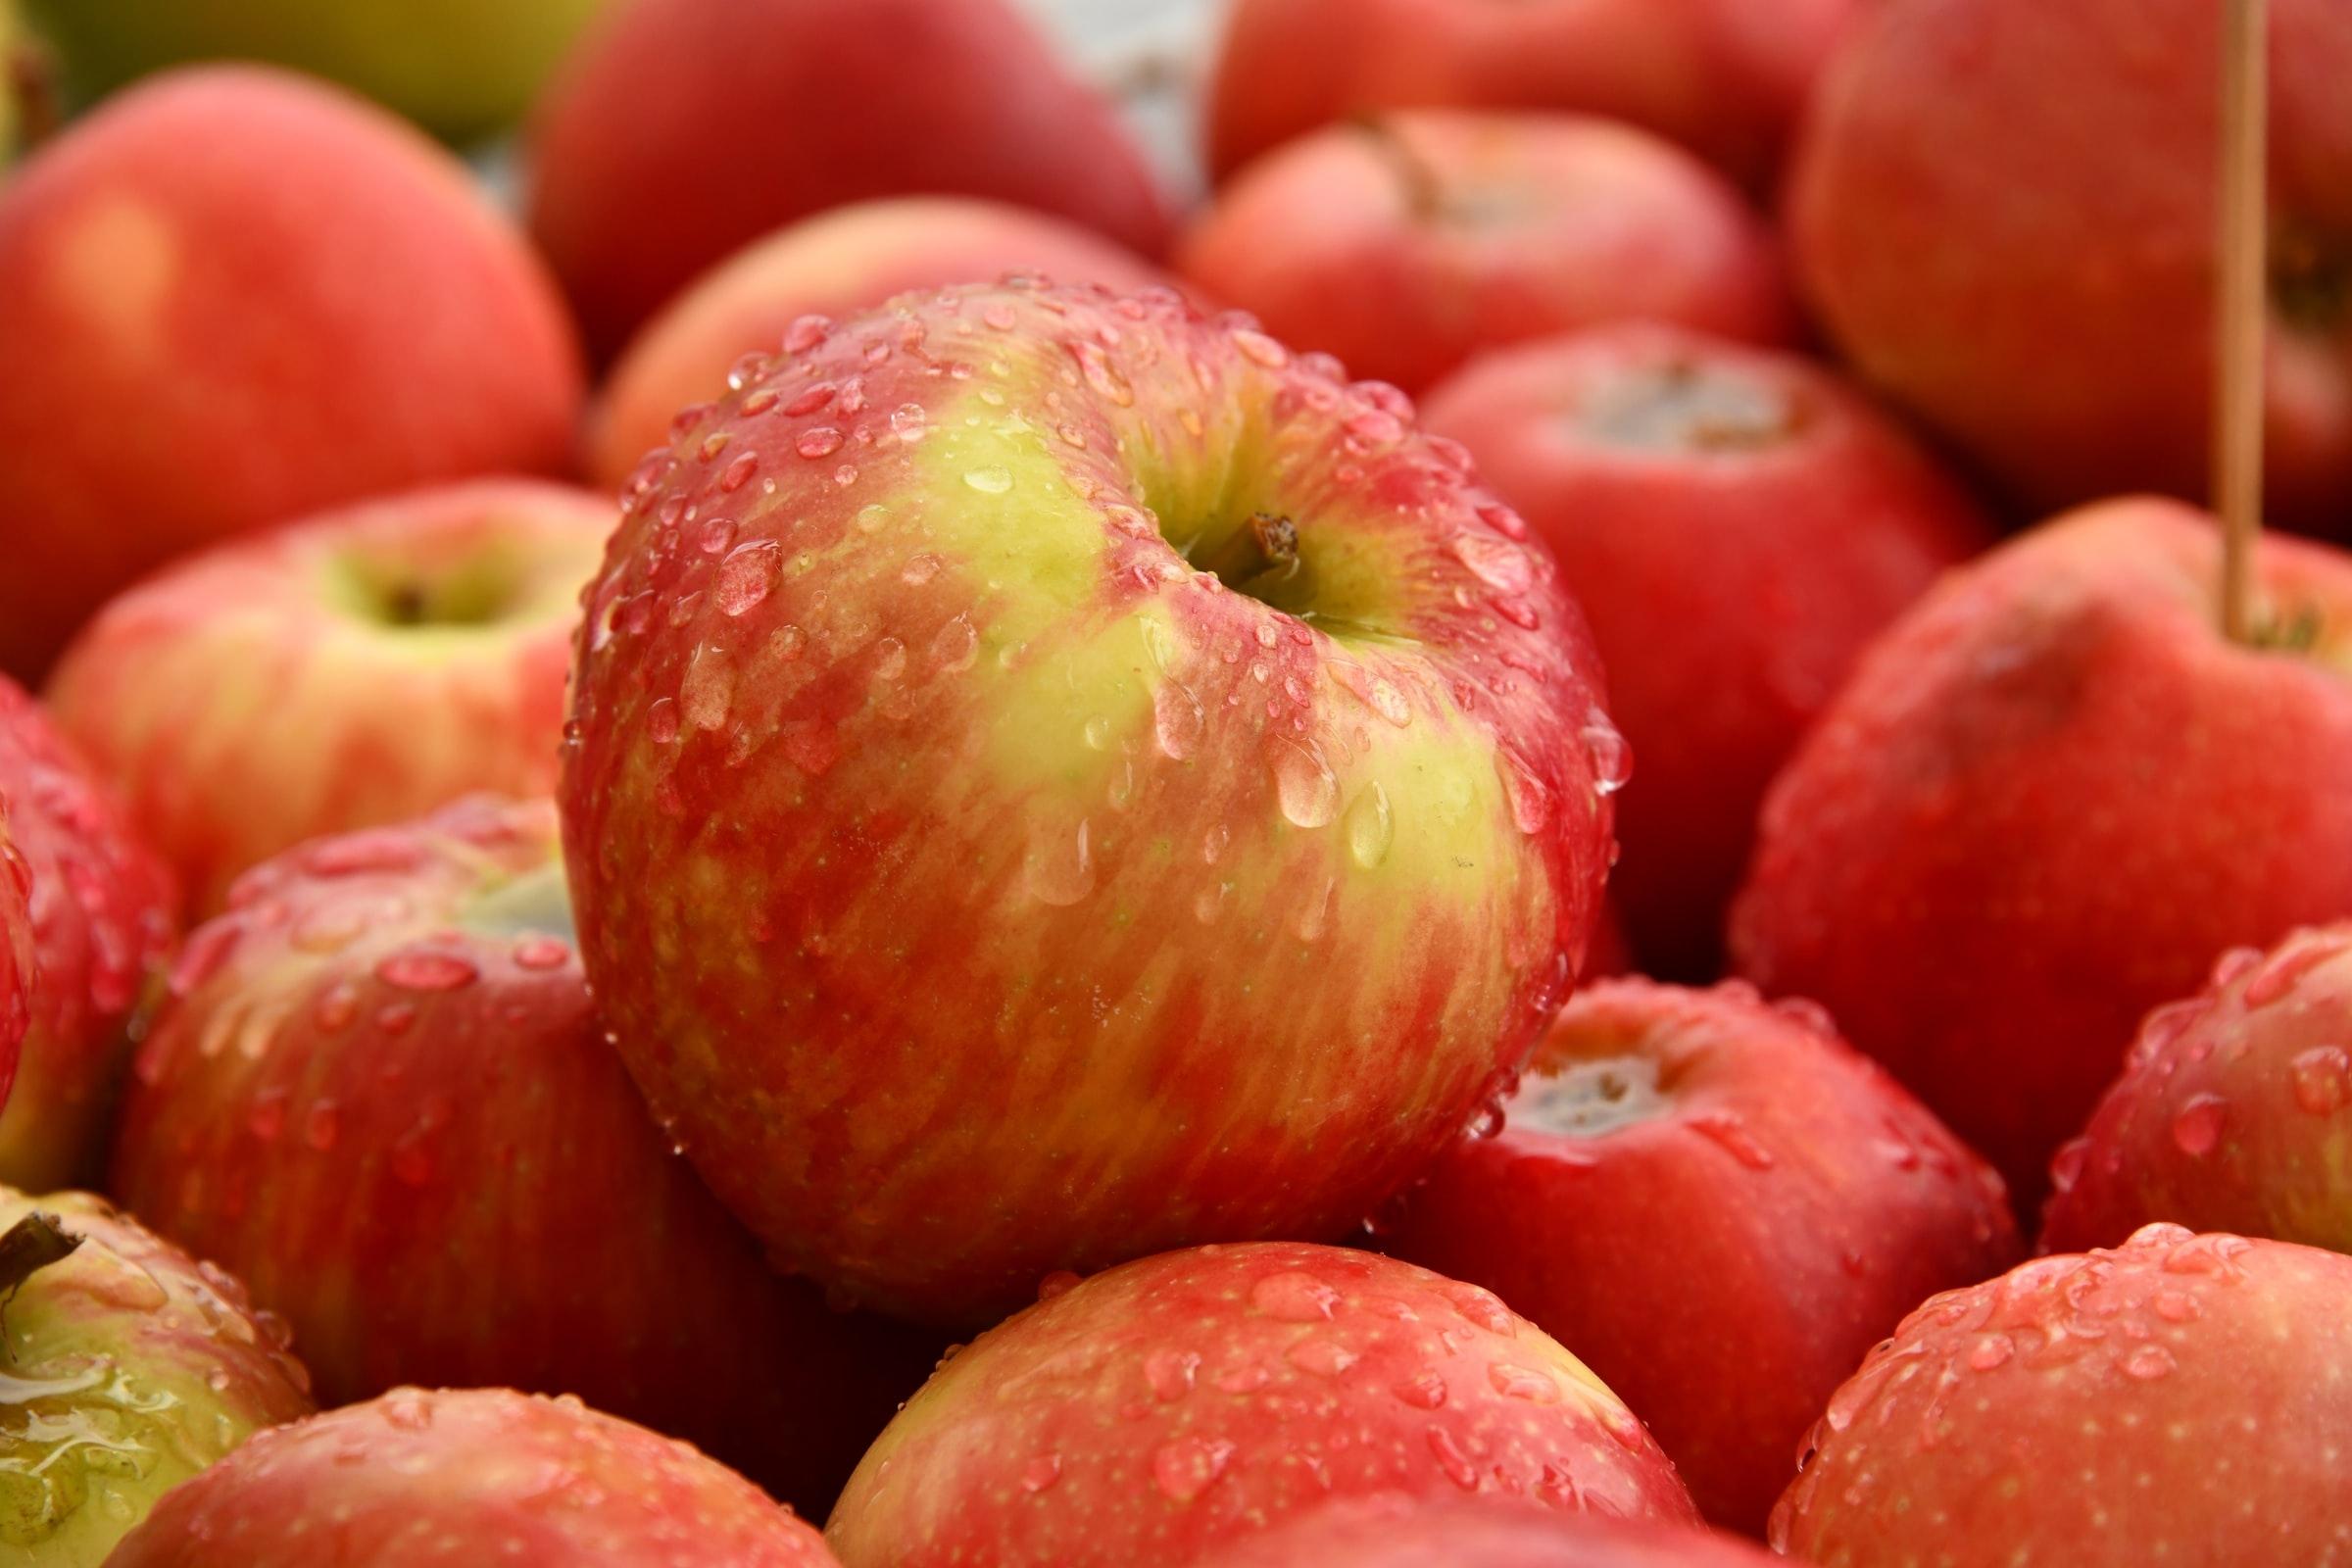 9 fødevarer er kilde til over 60 % af sprøjtegiftrester i kroppen